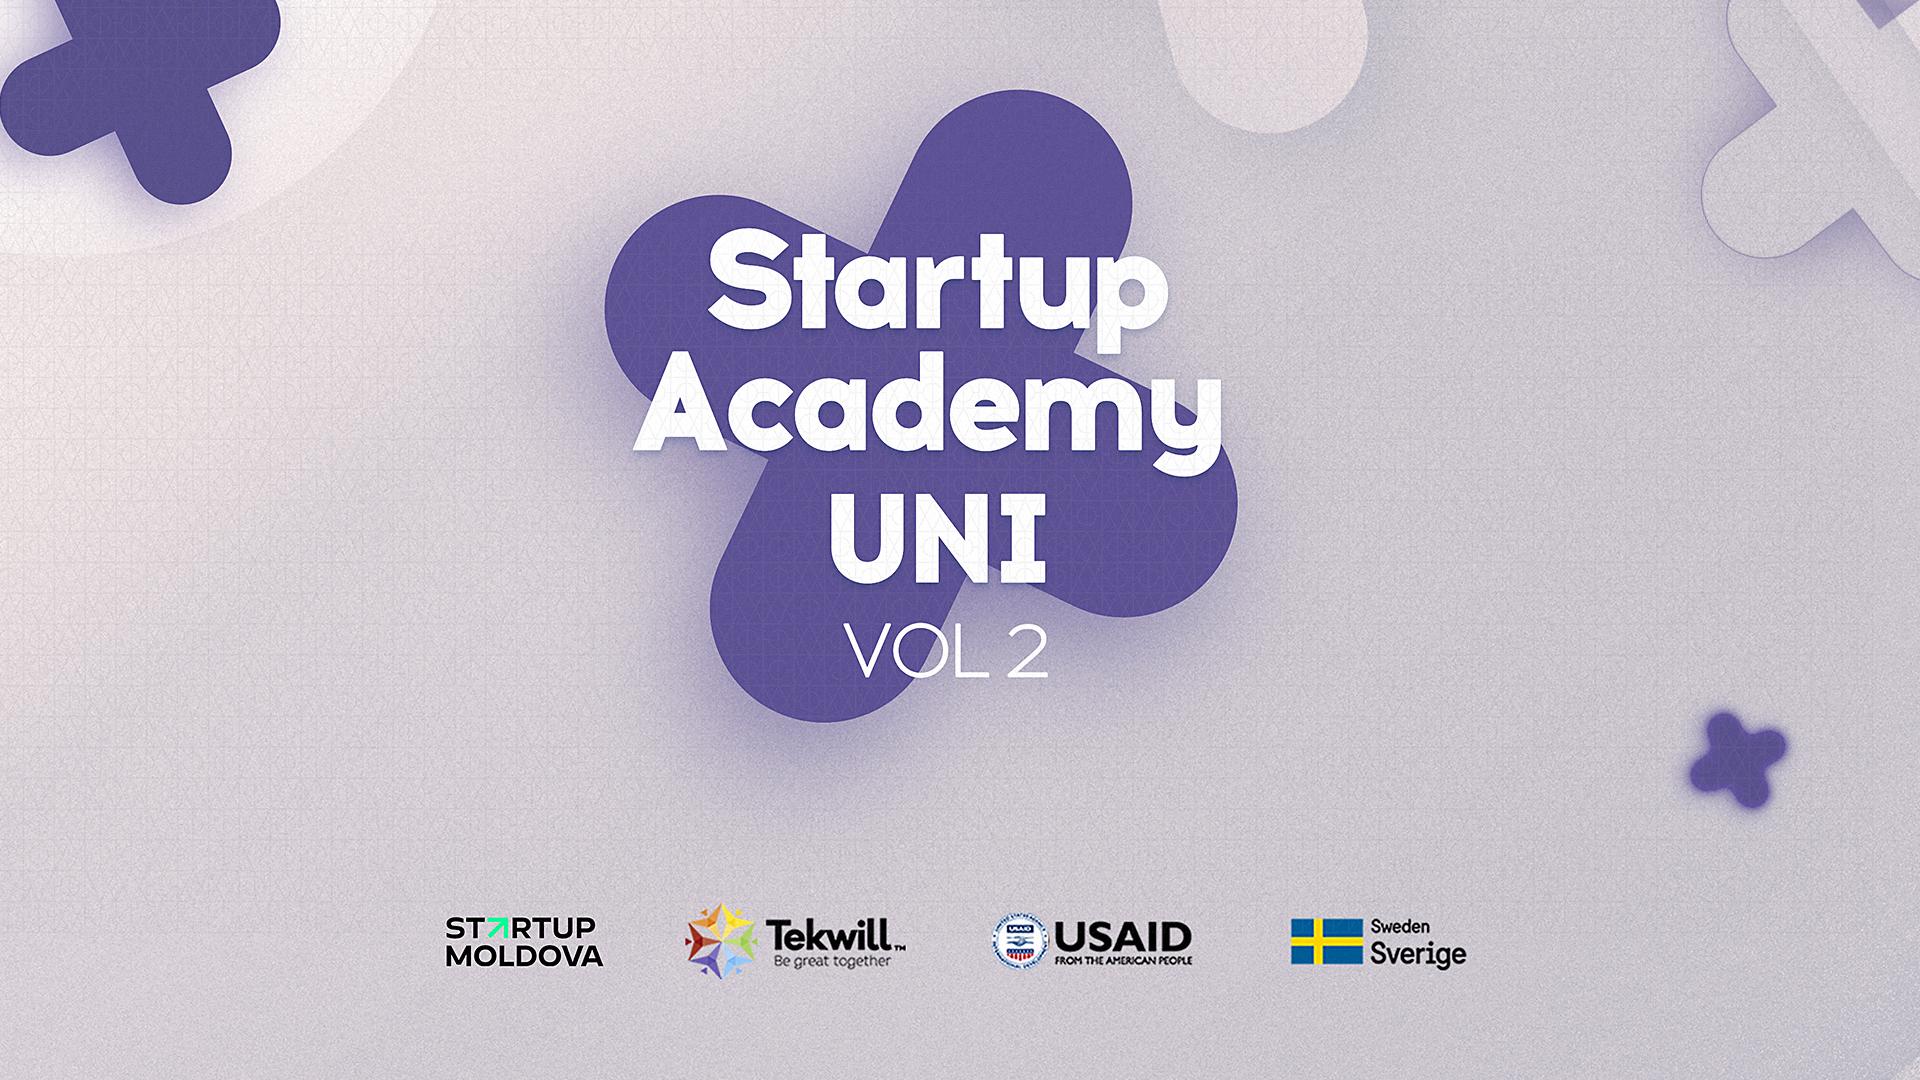 startup-academy-uni